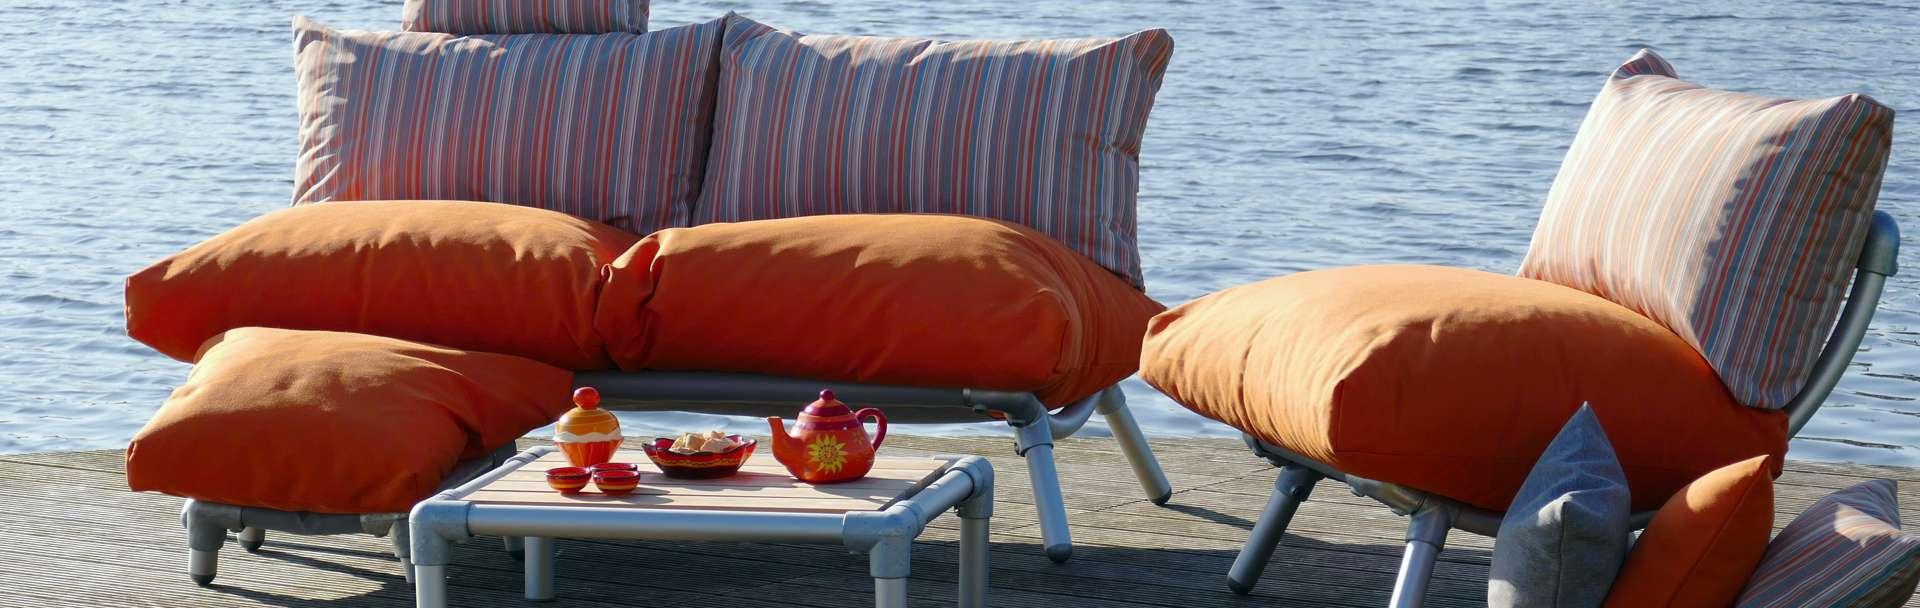 loungeset voor buiten in de tuin in de kleur oranje